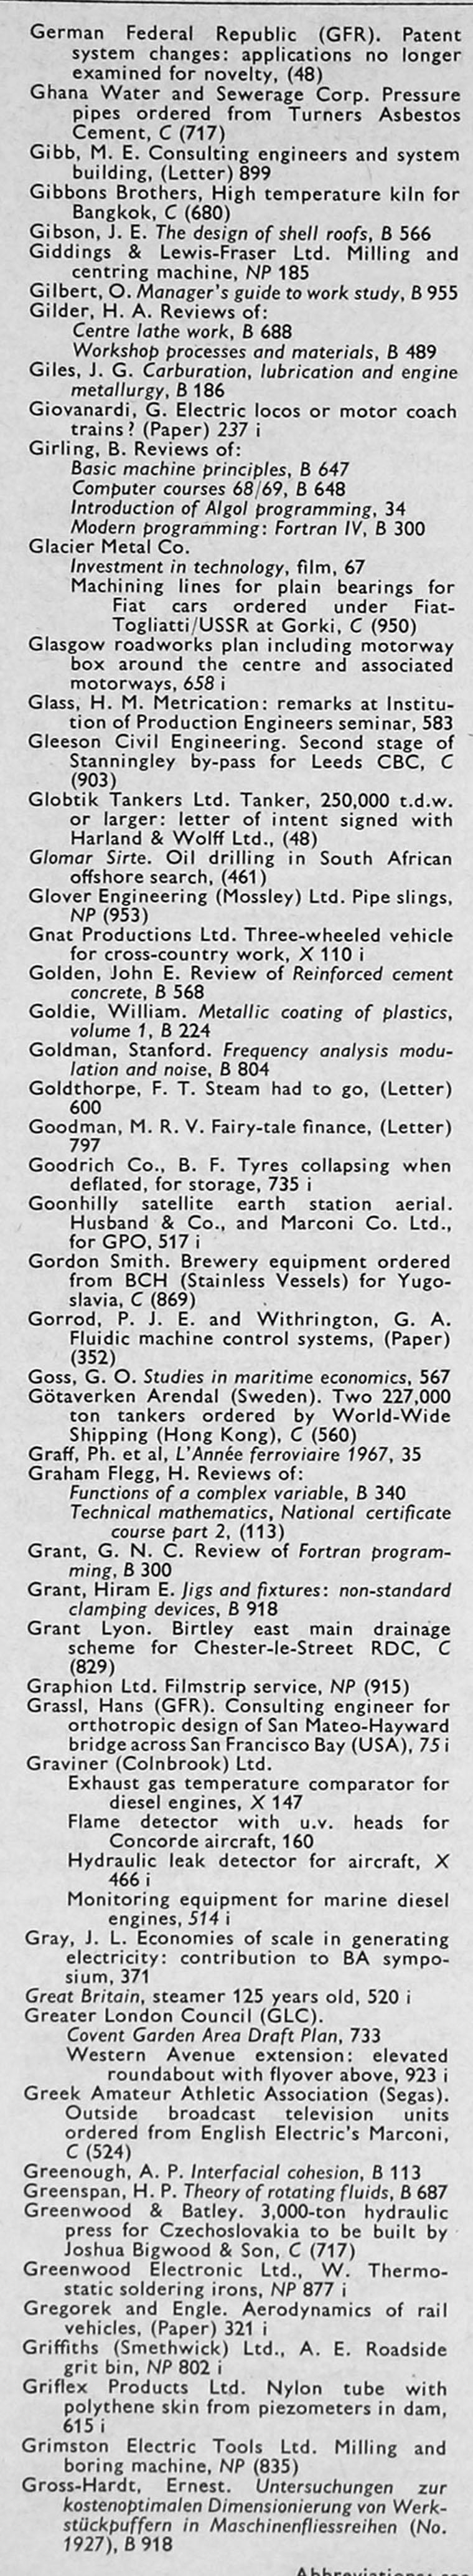 The Engineer 1968 Jul Dec Index